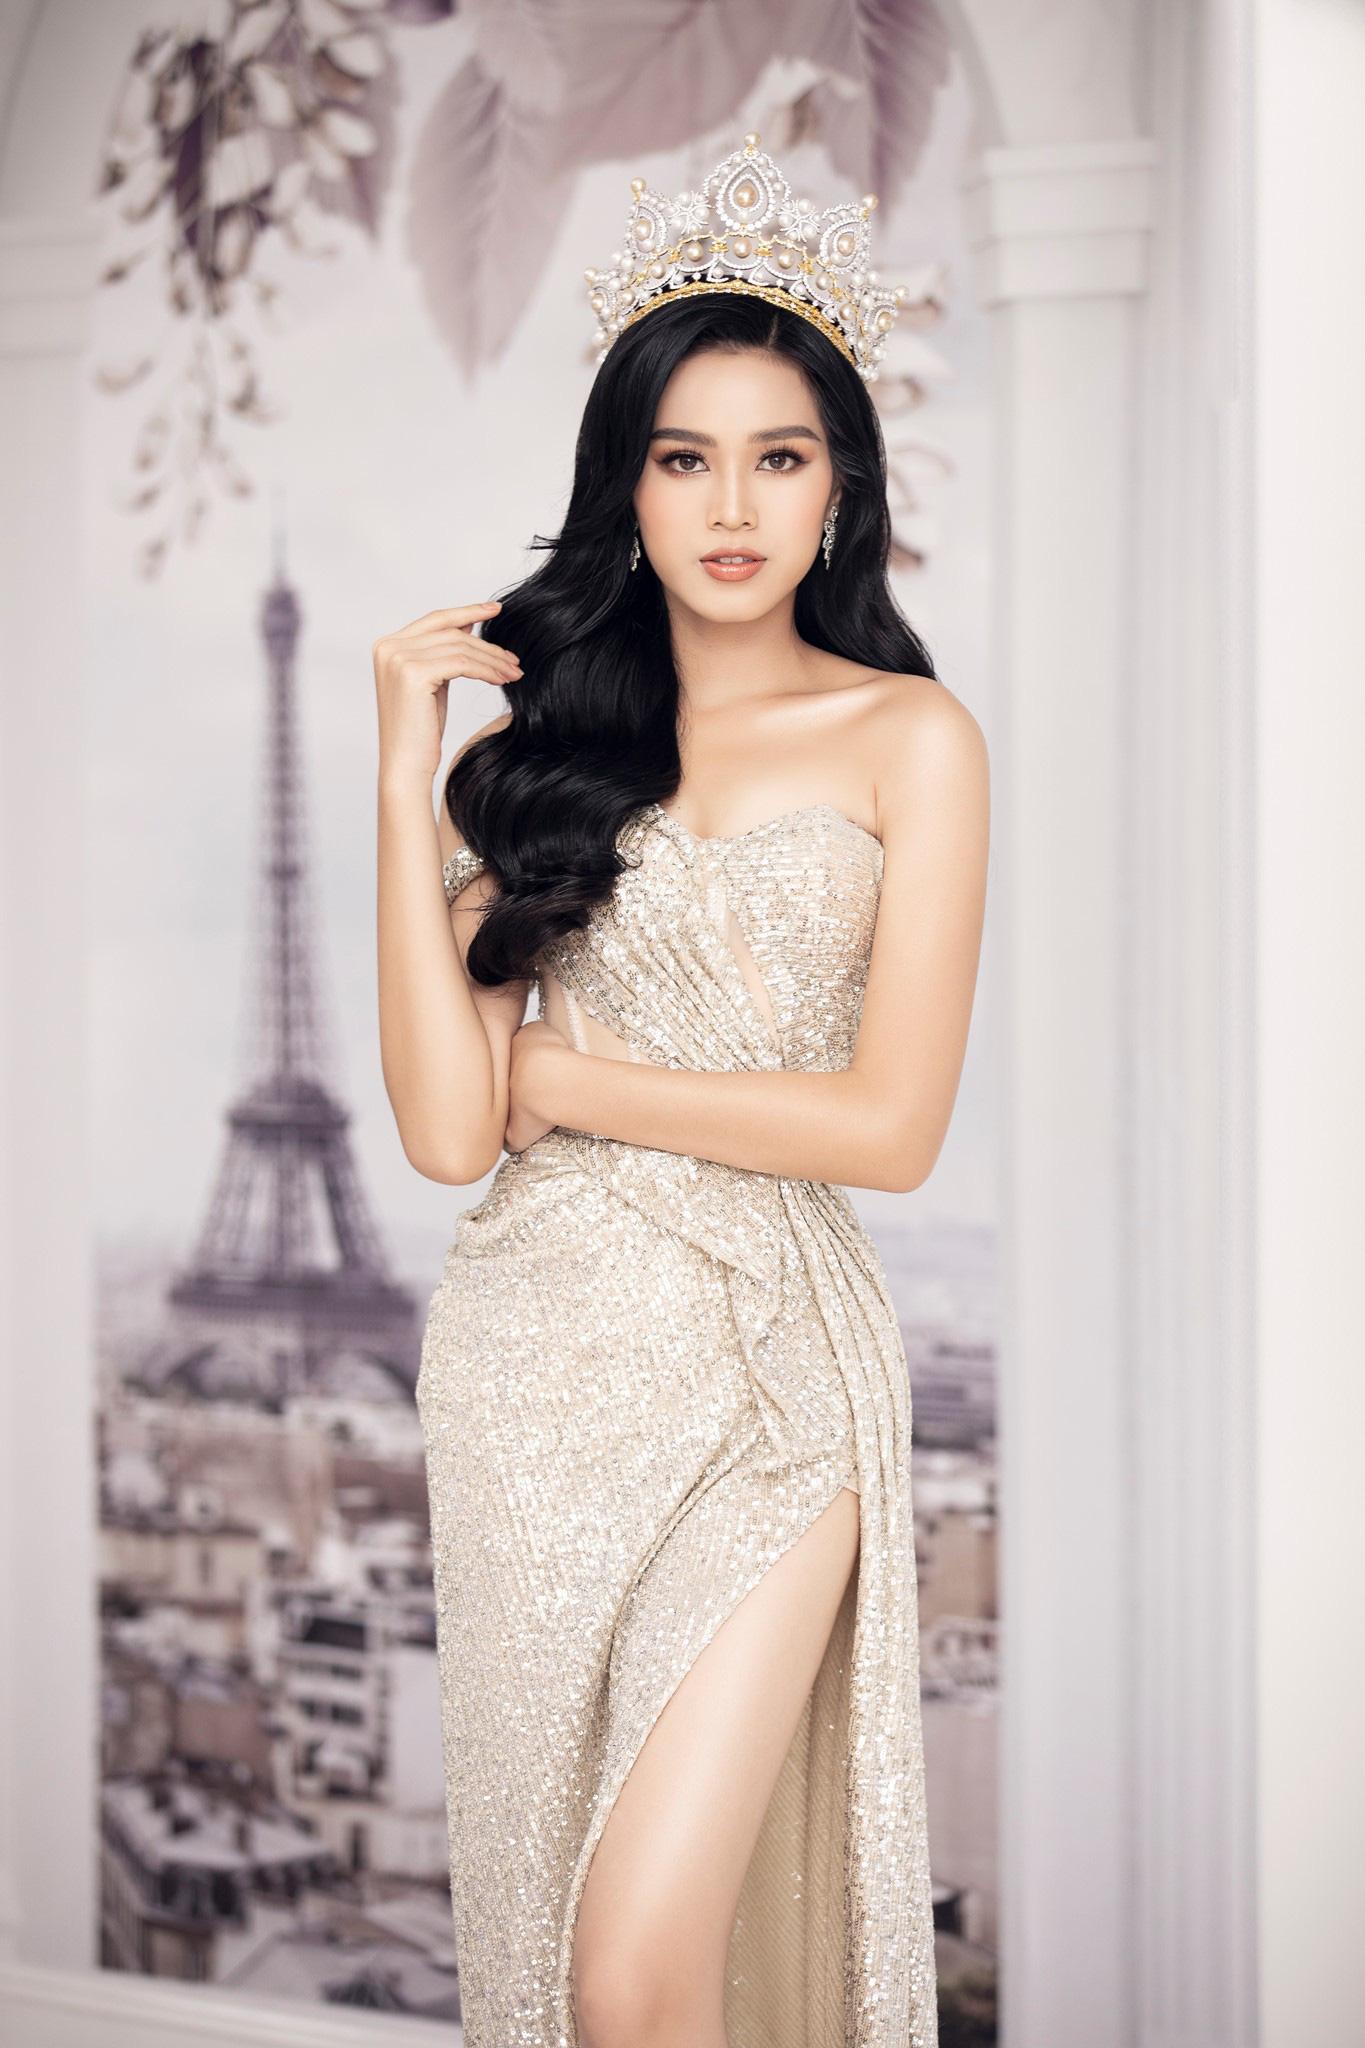 Hé lộ mong muốn của Hoa hậu Đỗ Thị Hà trong năm Tân Sửu 2021? - Ảnh 1.